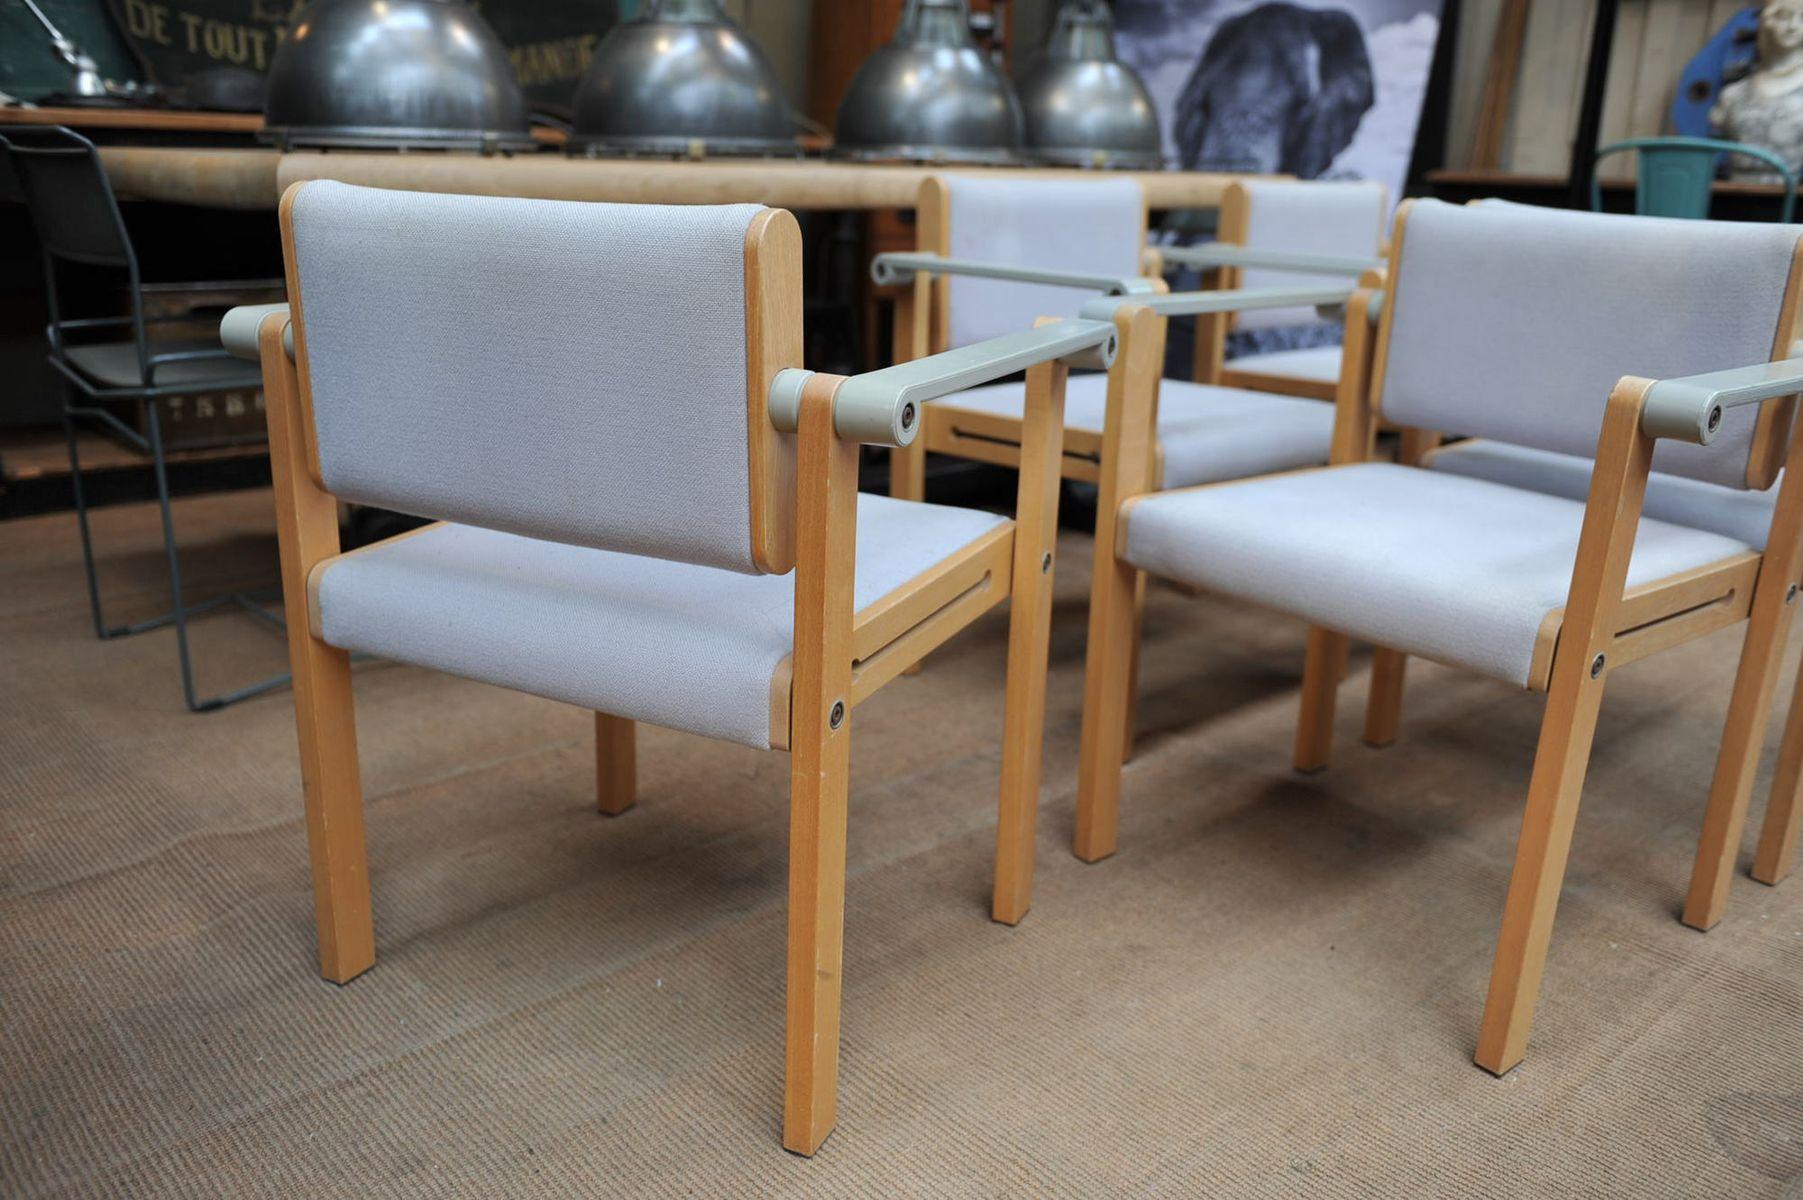 franz sische esszimmerst hle 5er set bei pamono kaufen. Black Bedroom Furniture Sets. Home Design Ideas